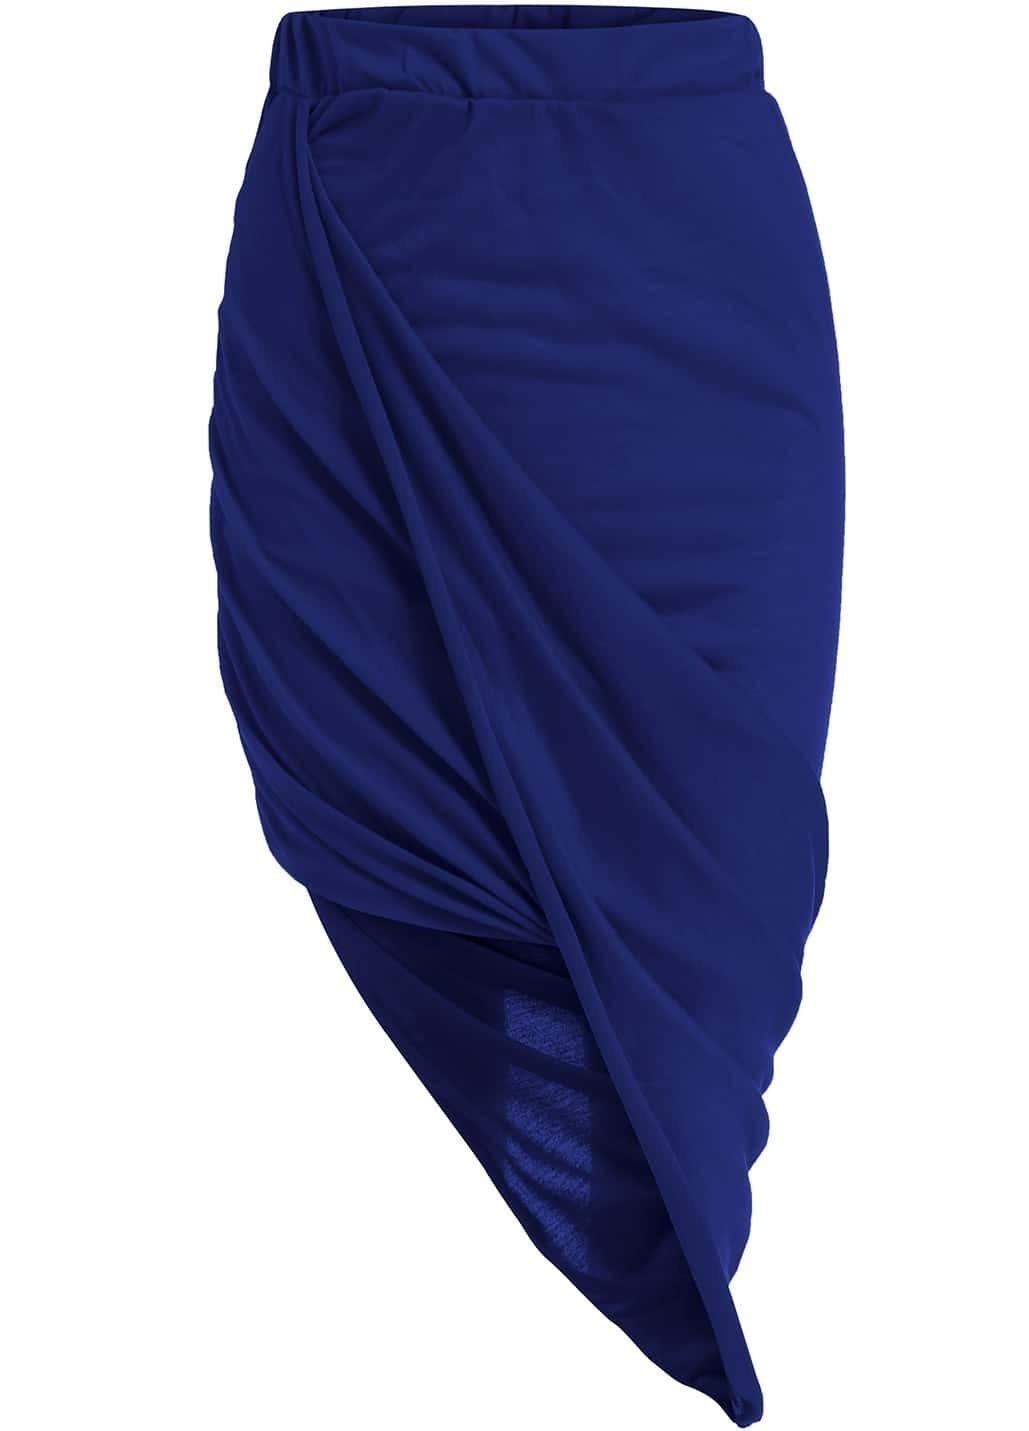 blue high waist asymmetrical bodycon skirt